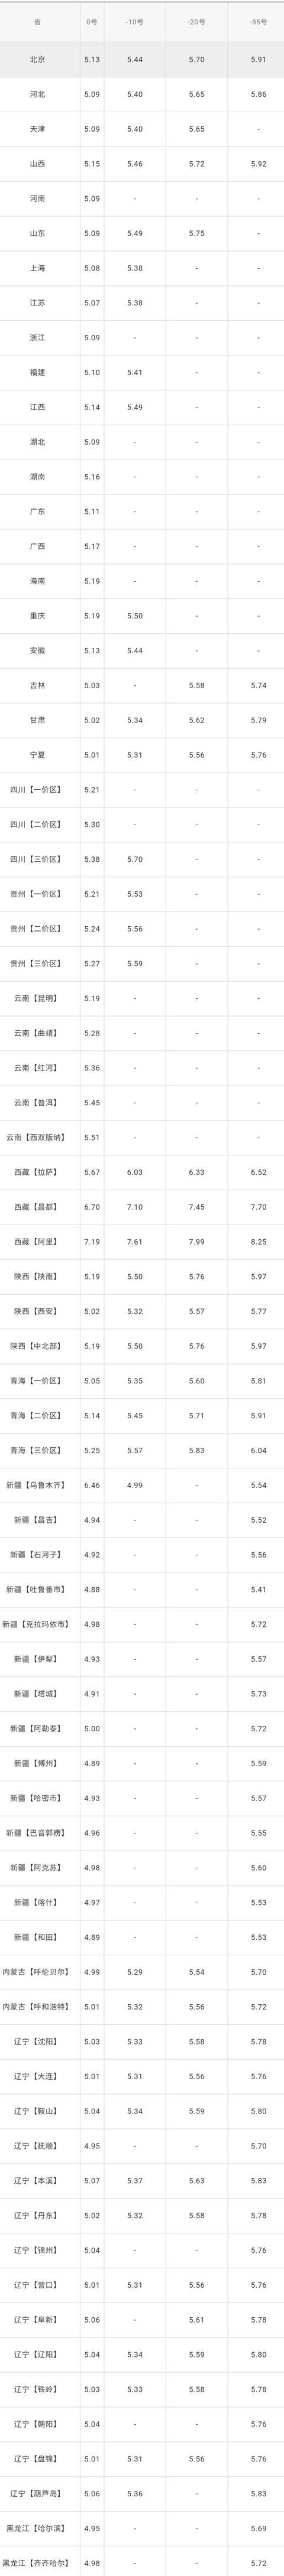 全国油价调整信息:5月22日调整后:全国92、95号汽油价格表